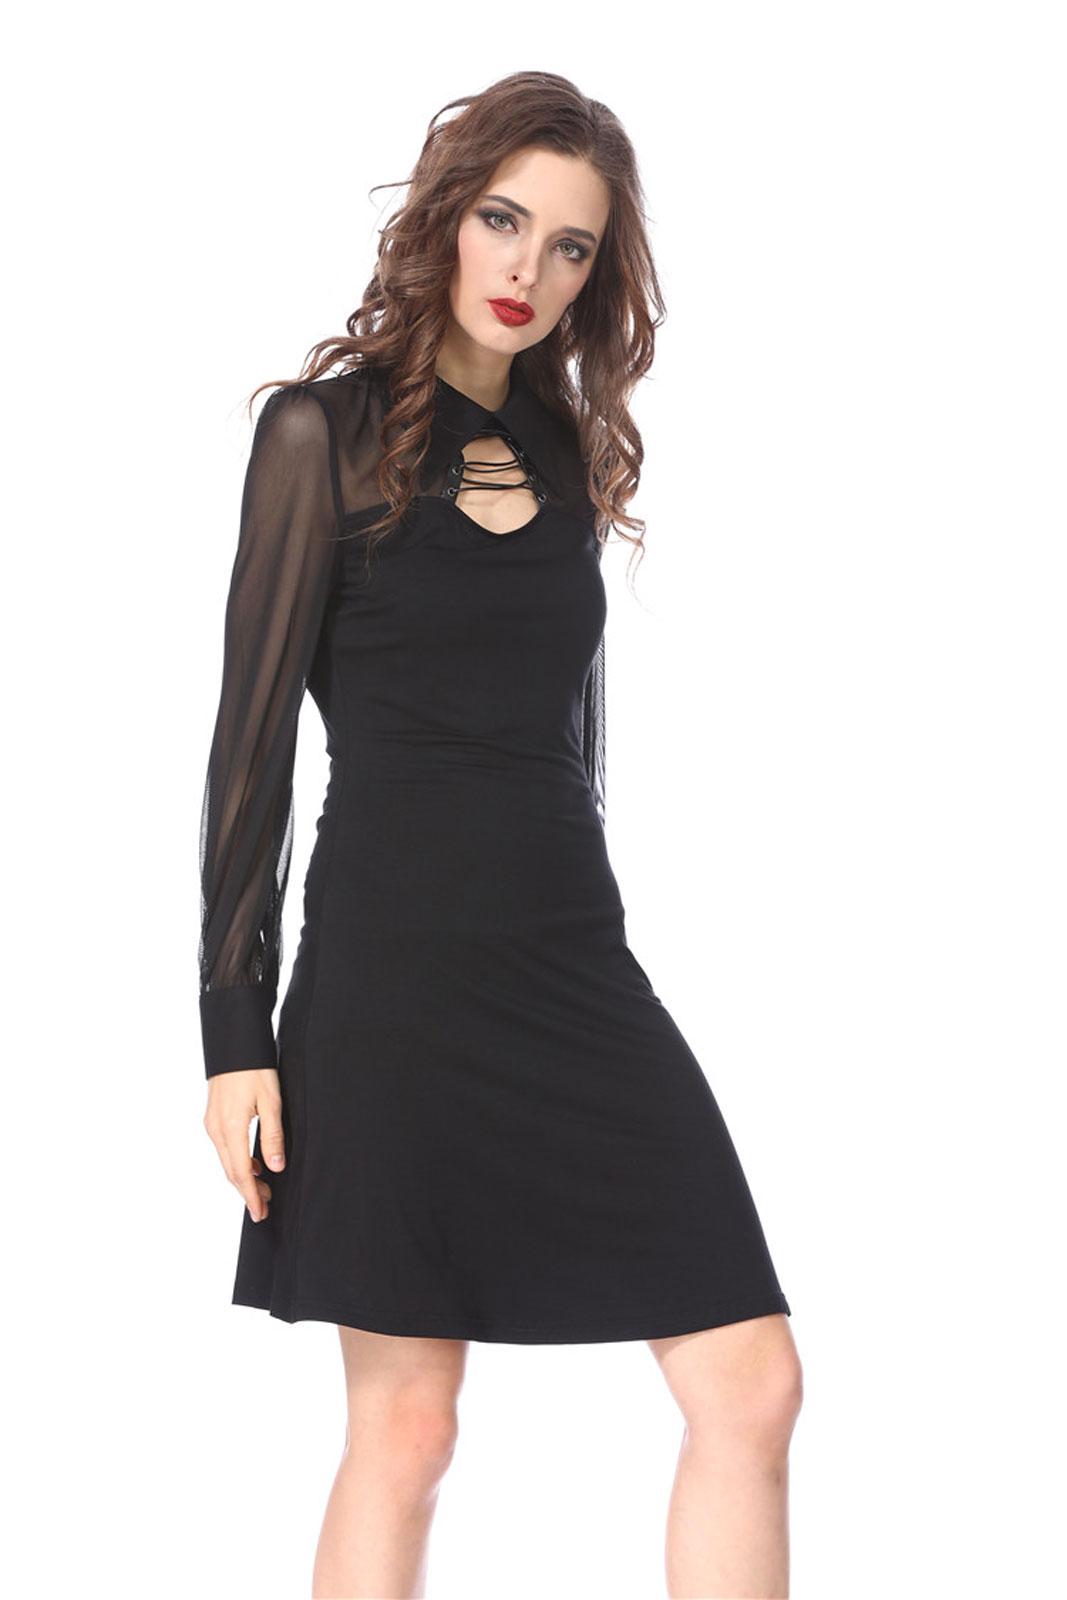 DARK IN LOVE Kleines Schwarzes Kleid